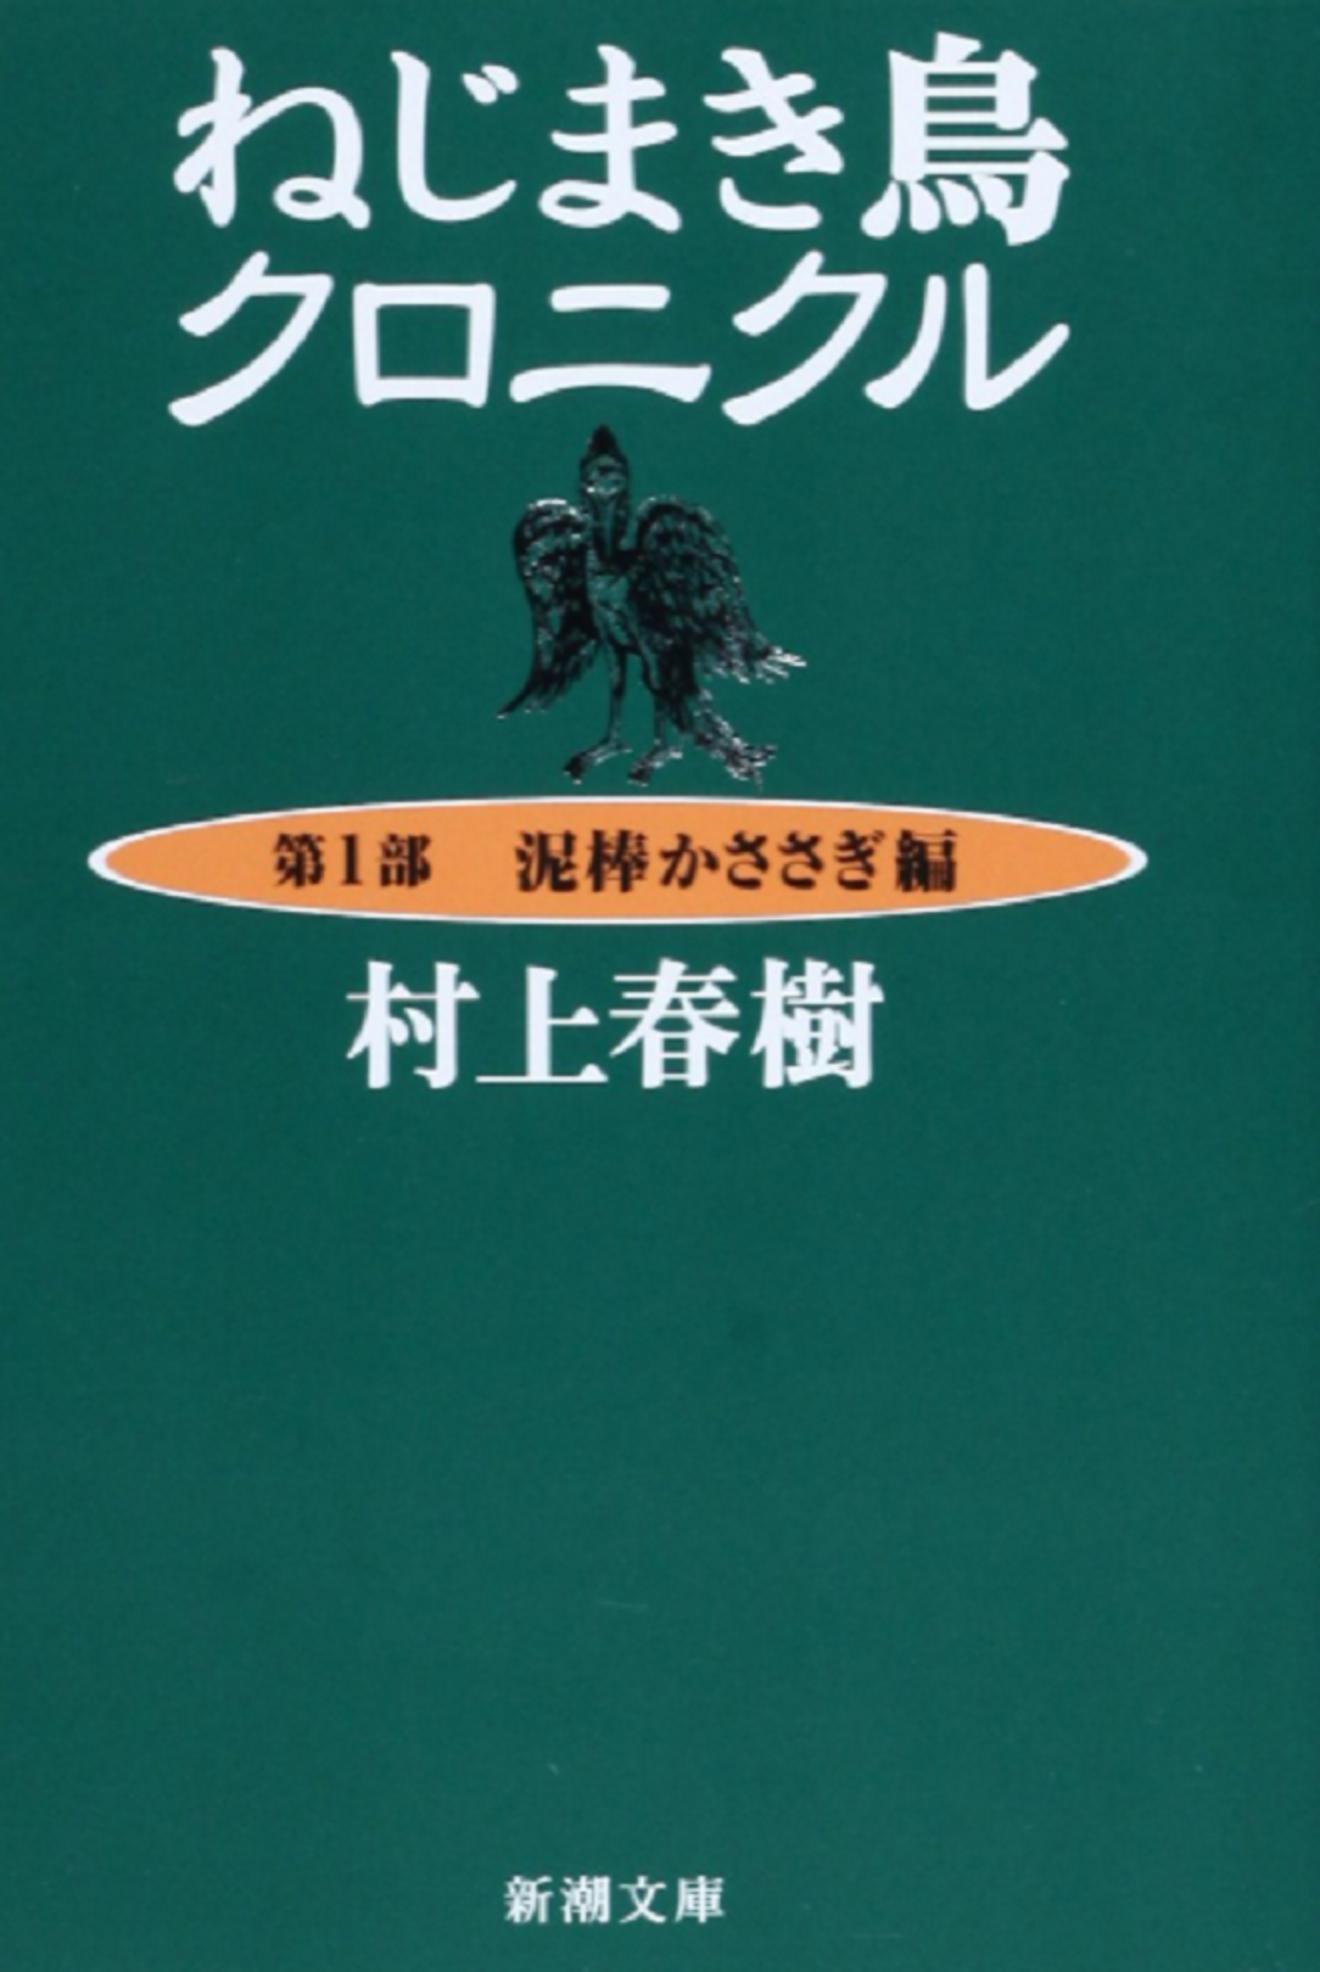 小説『ねじまき鳥クロニクル』をネタバレ解説!村上春樹の傑作長編が舞台化!